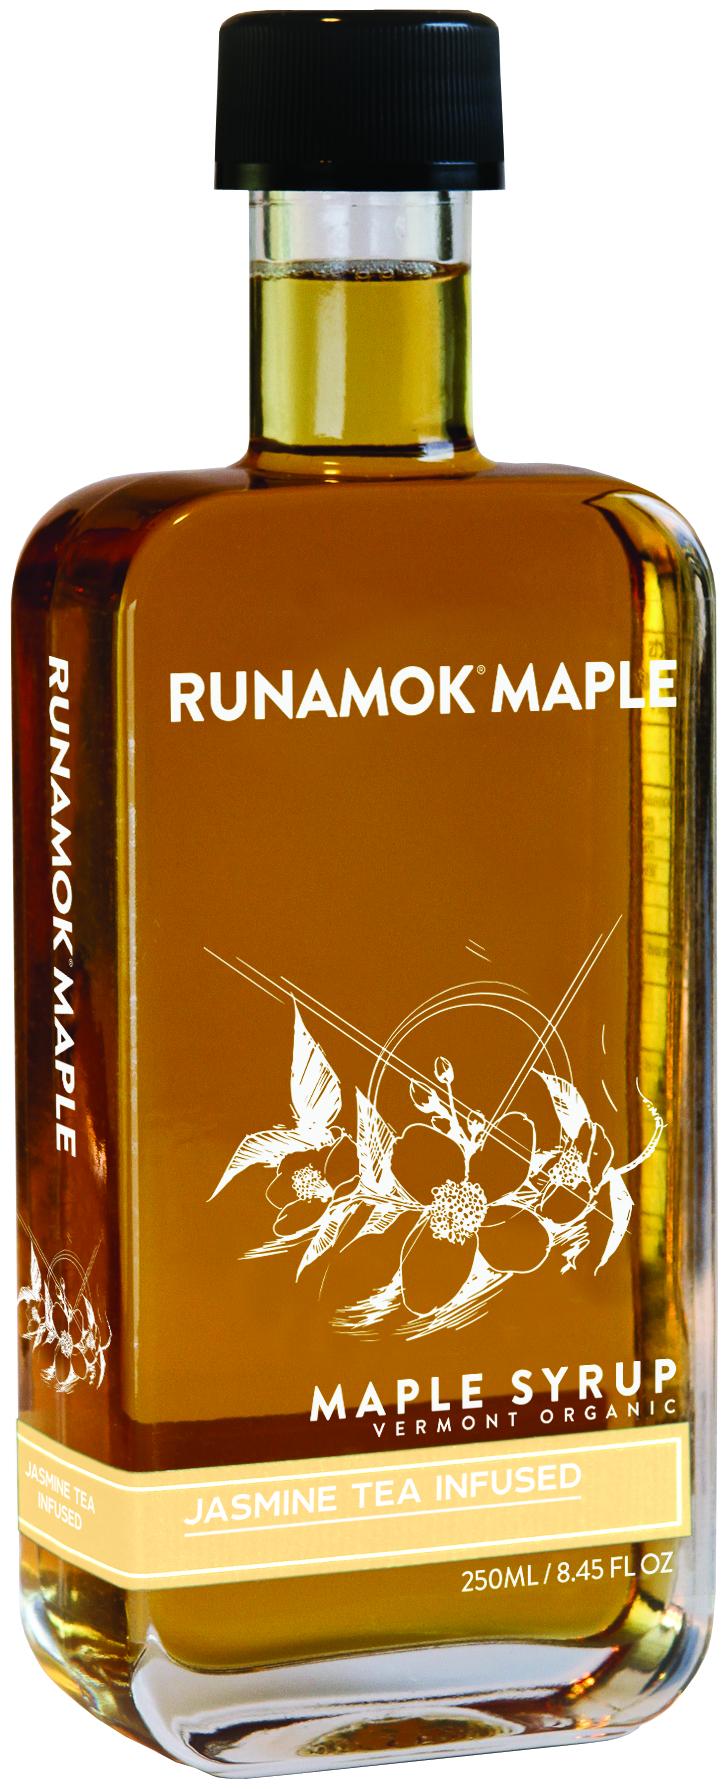 Runamok Maple Releases Jasmine Tea Infused Maple Syrup